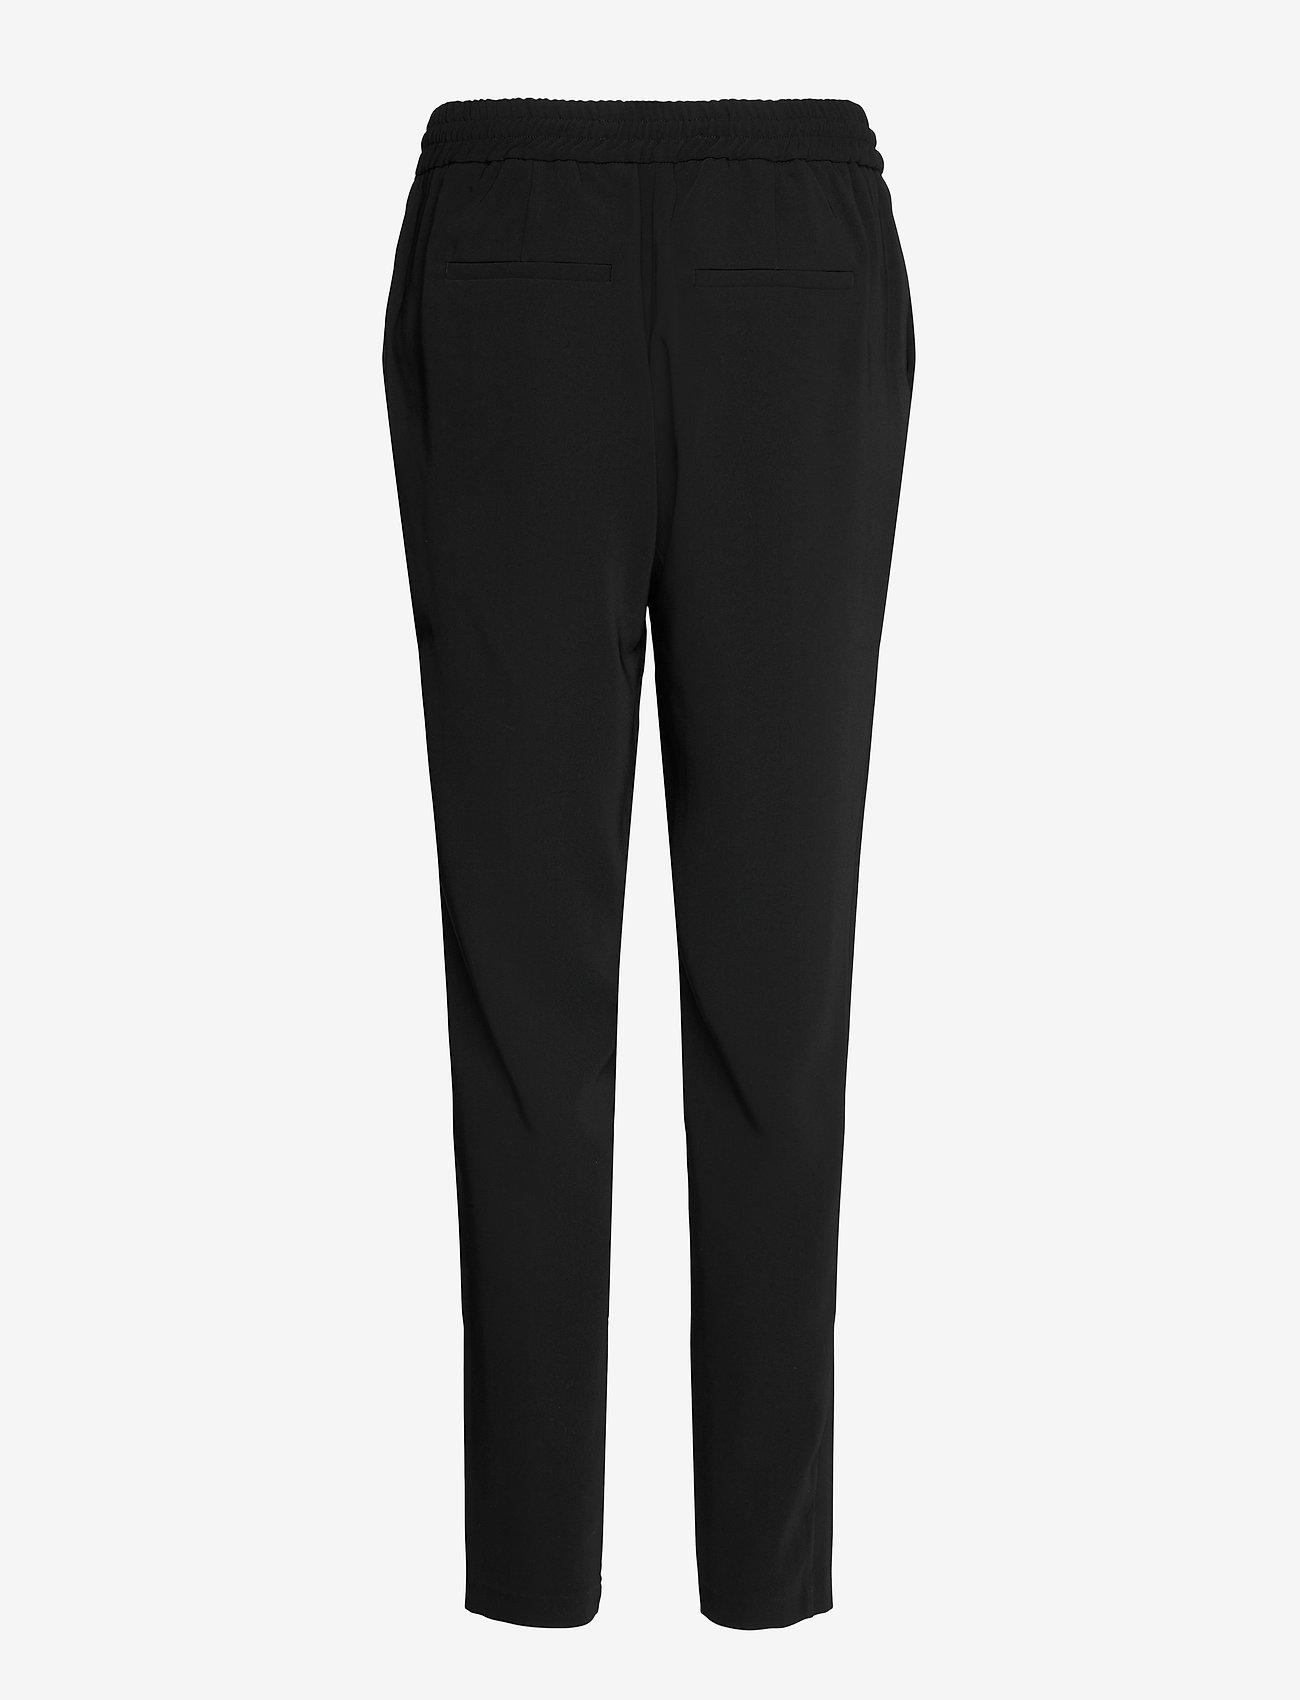 FIVEUNITS - Freja 576 - sweatpants - black - 1